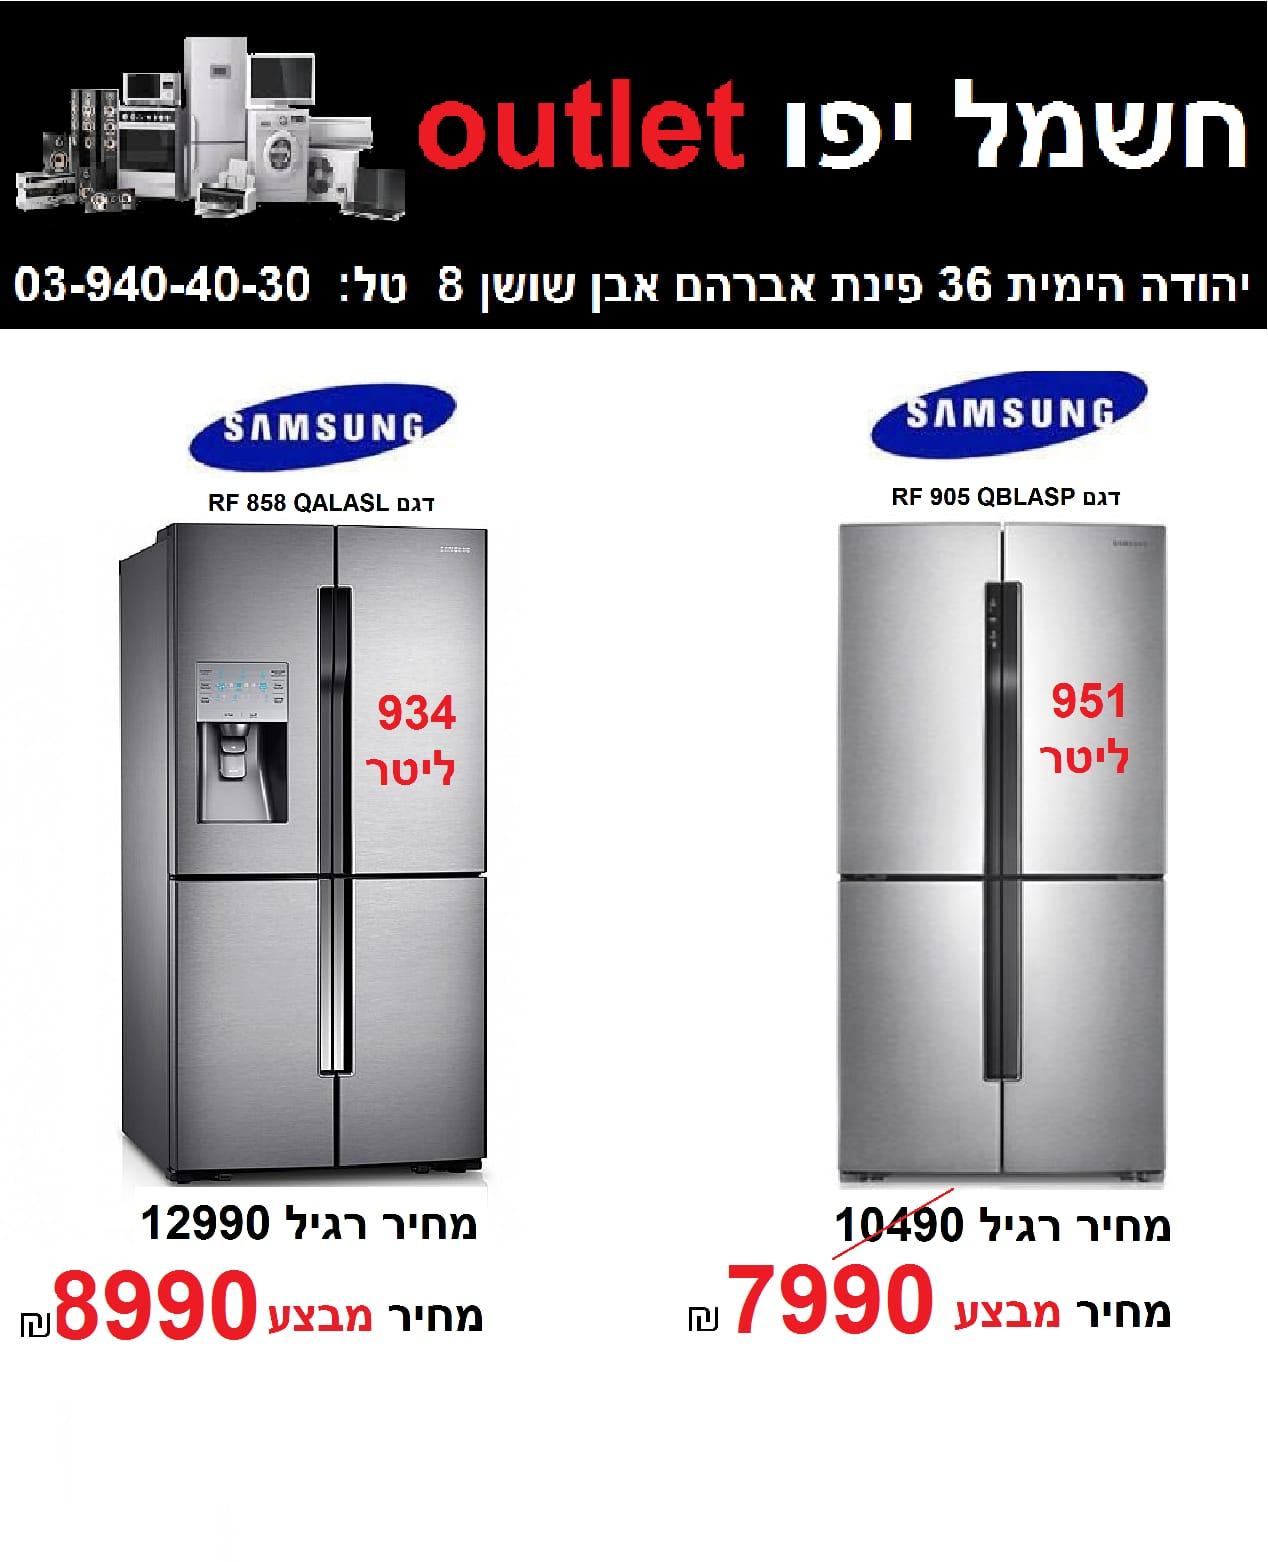 طالع الأسعار - حملة تخفيضات مجنونة على الأجهزة الكهربائية في صالة كهرباء يافا Outlet